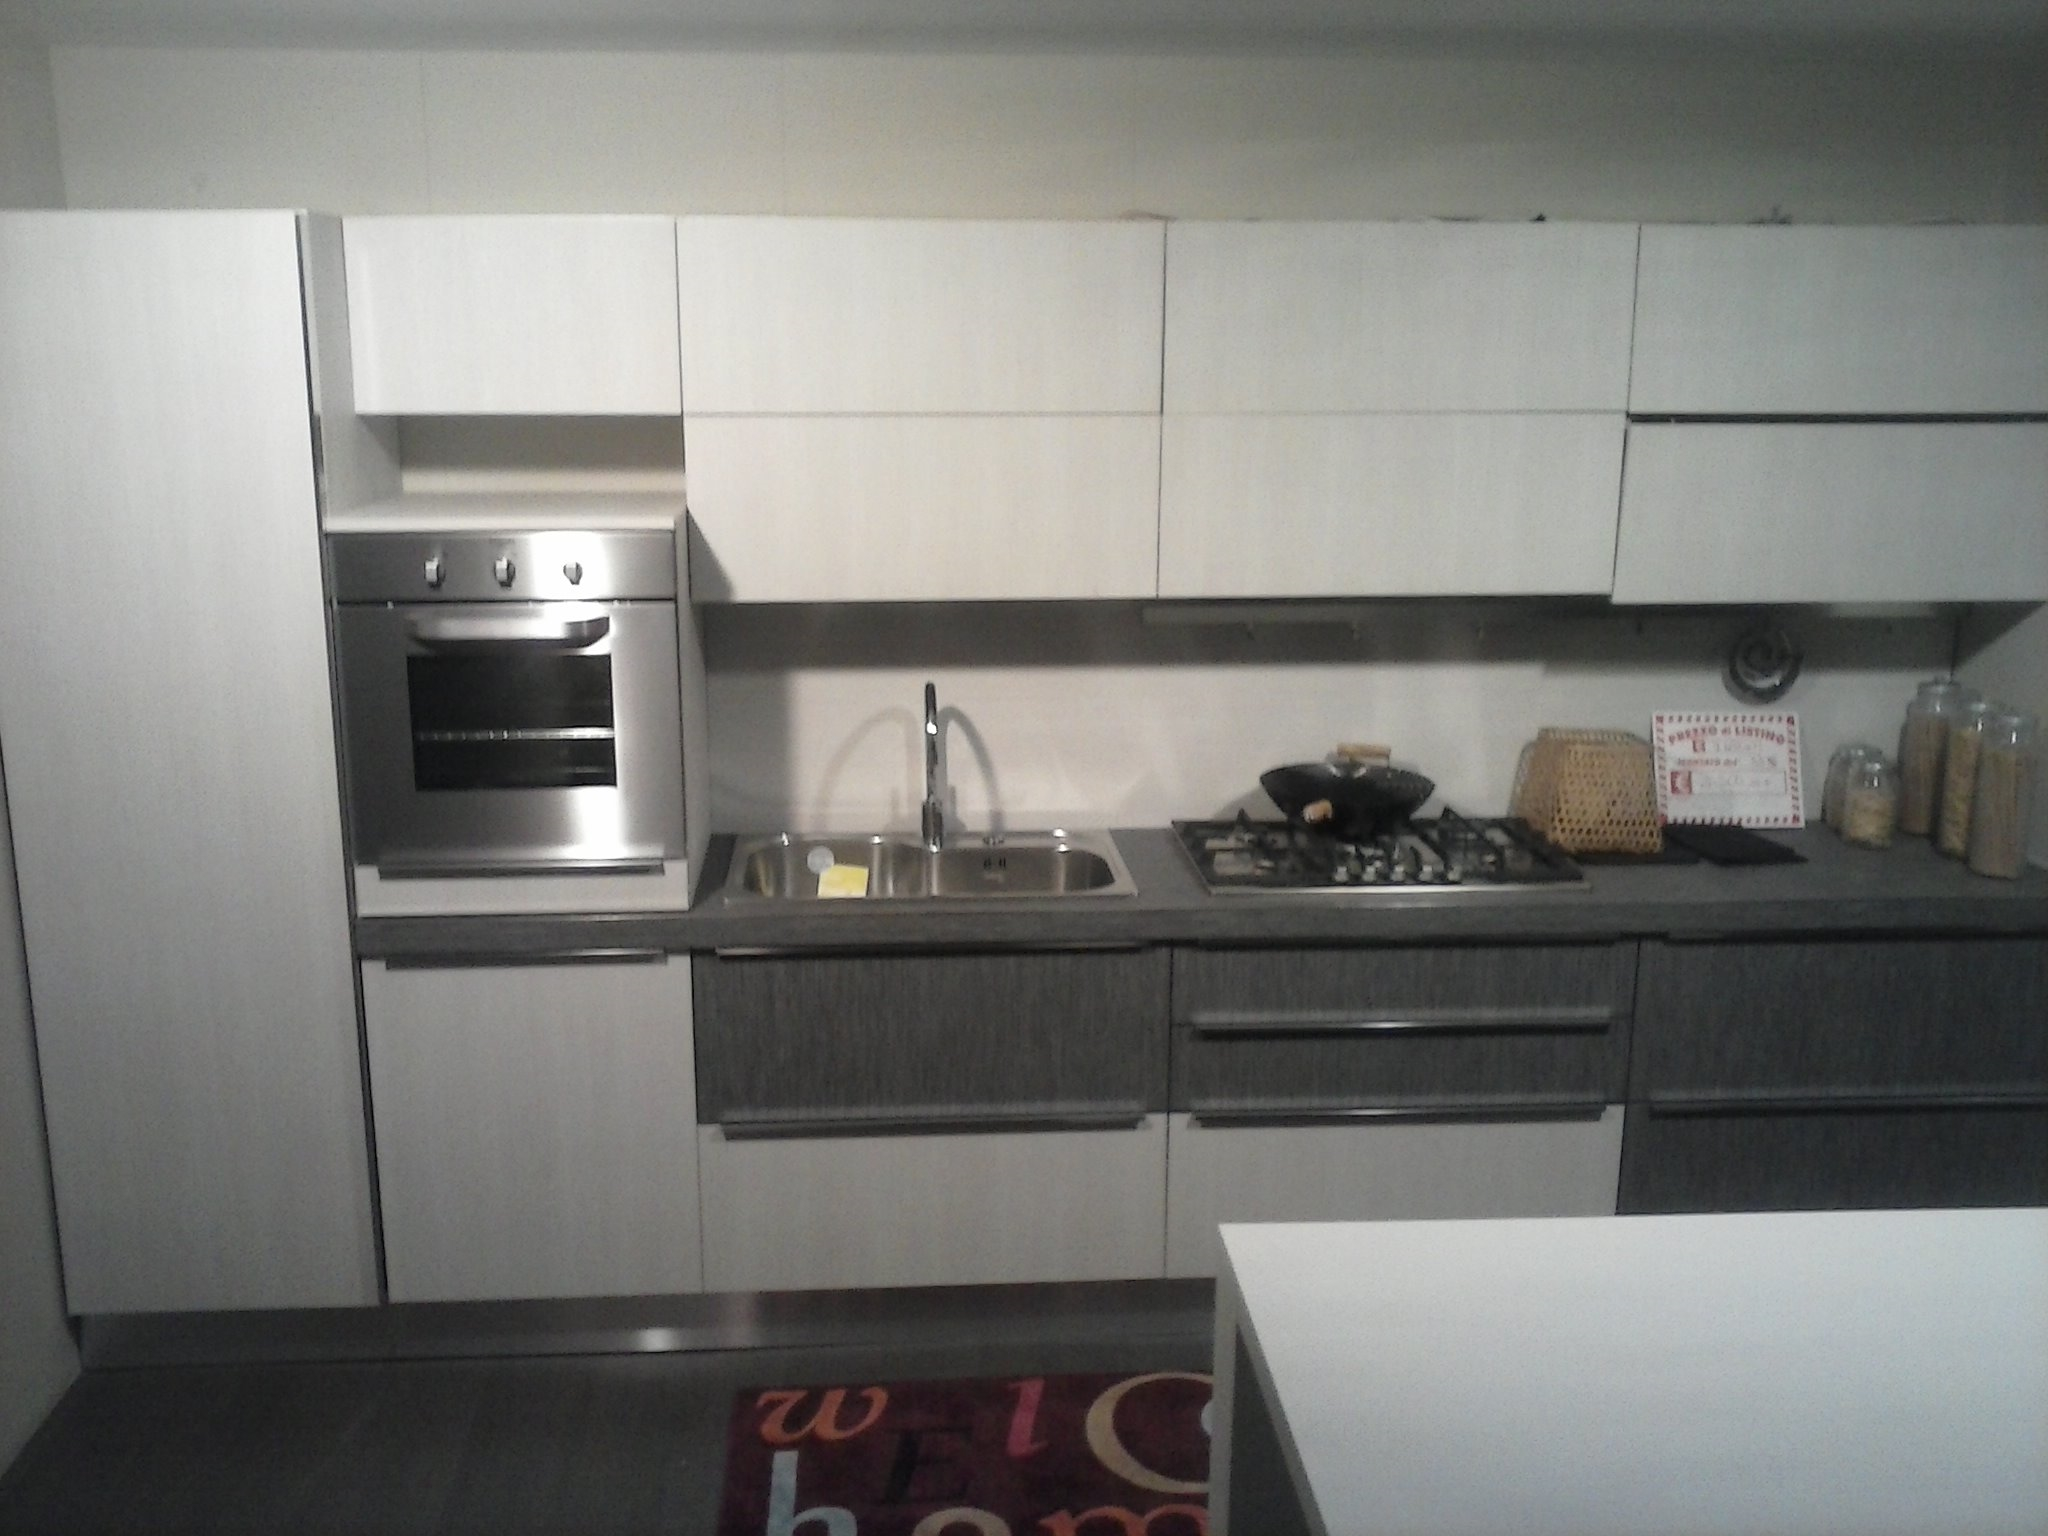 CUCINA ARAN CUCINA PROMOZIONE Cucine A Prezzi Scontati #5B4B44 2048 1536 Veneta Cucine O Aran